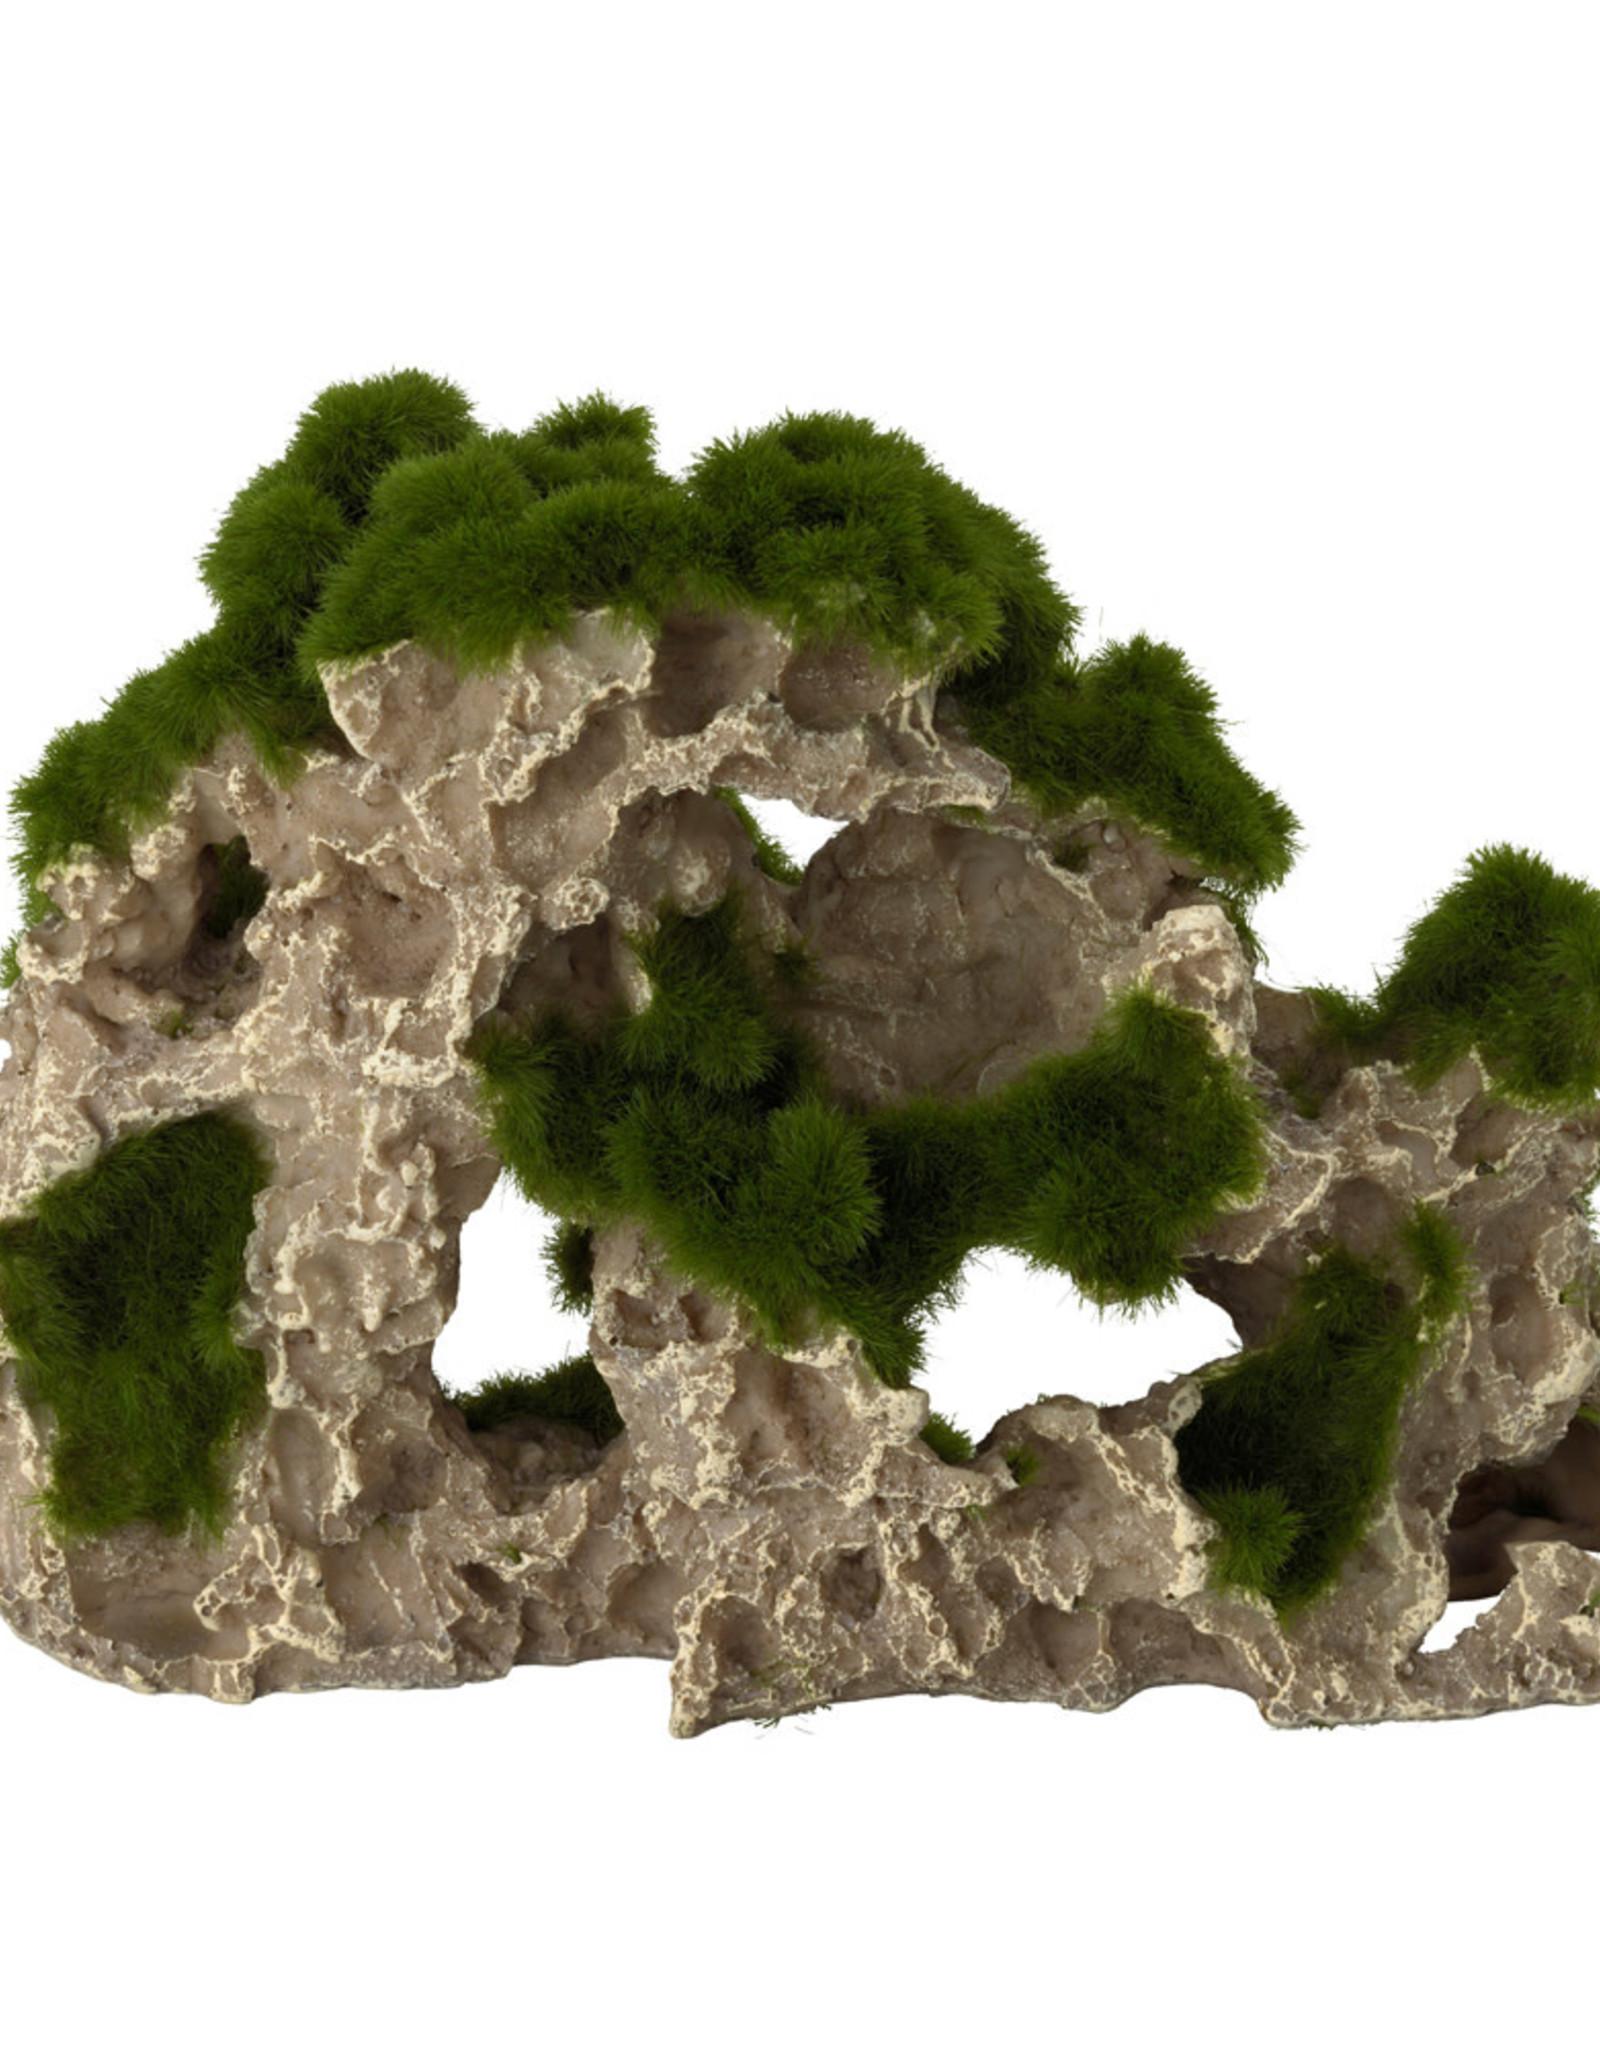 Aqua Della Aqua Della - Moss Rock - Medium